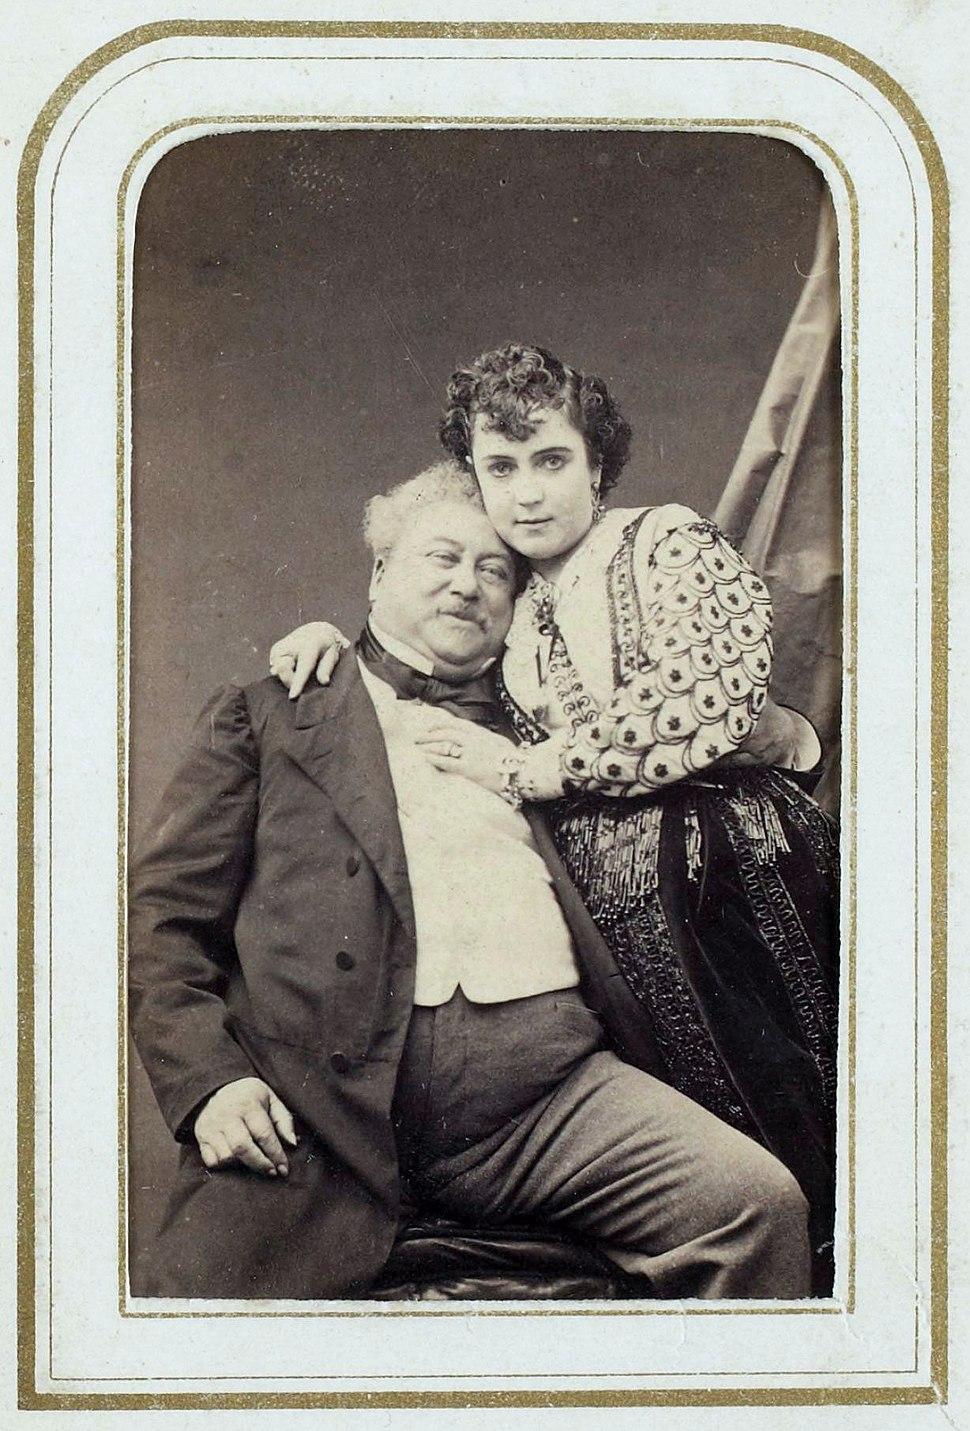 Alexandre Dumas & Adah Isaacs Menken